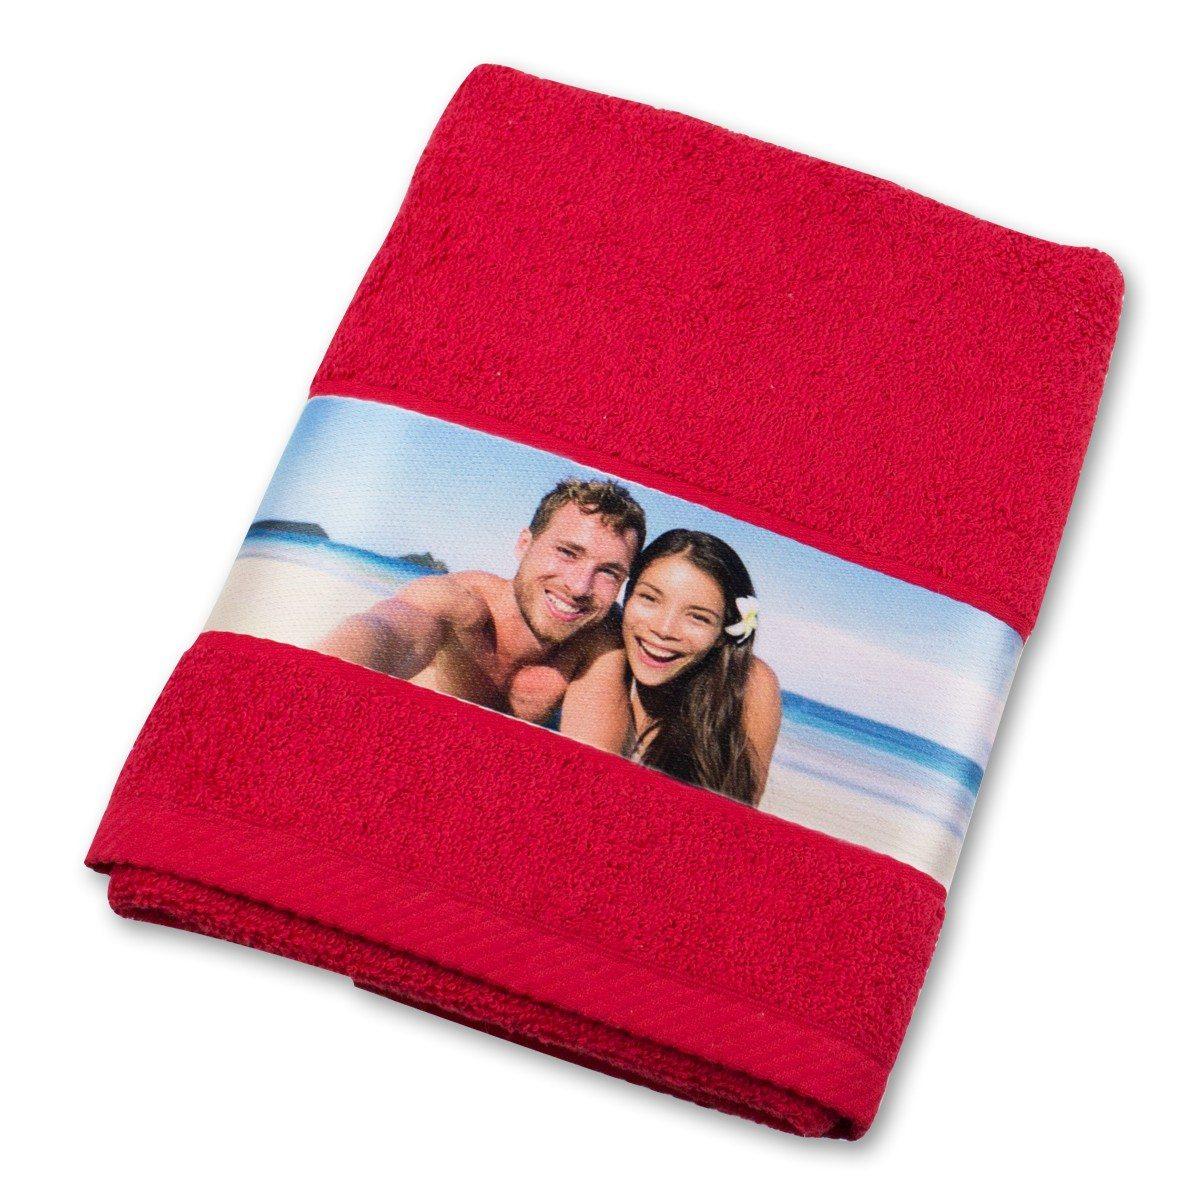 Handtuch mit Fotobordüre - rot